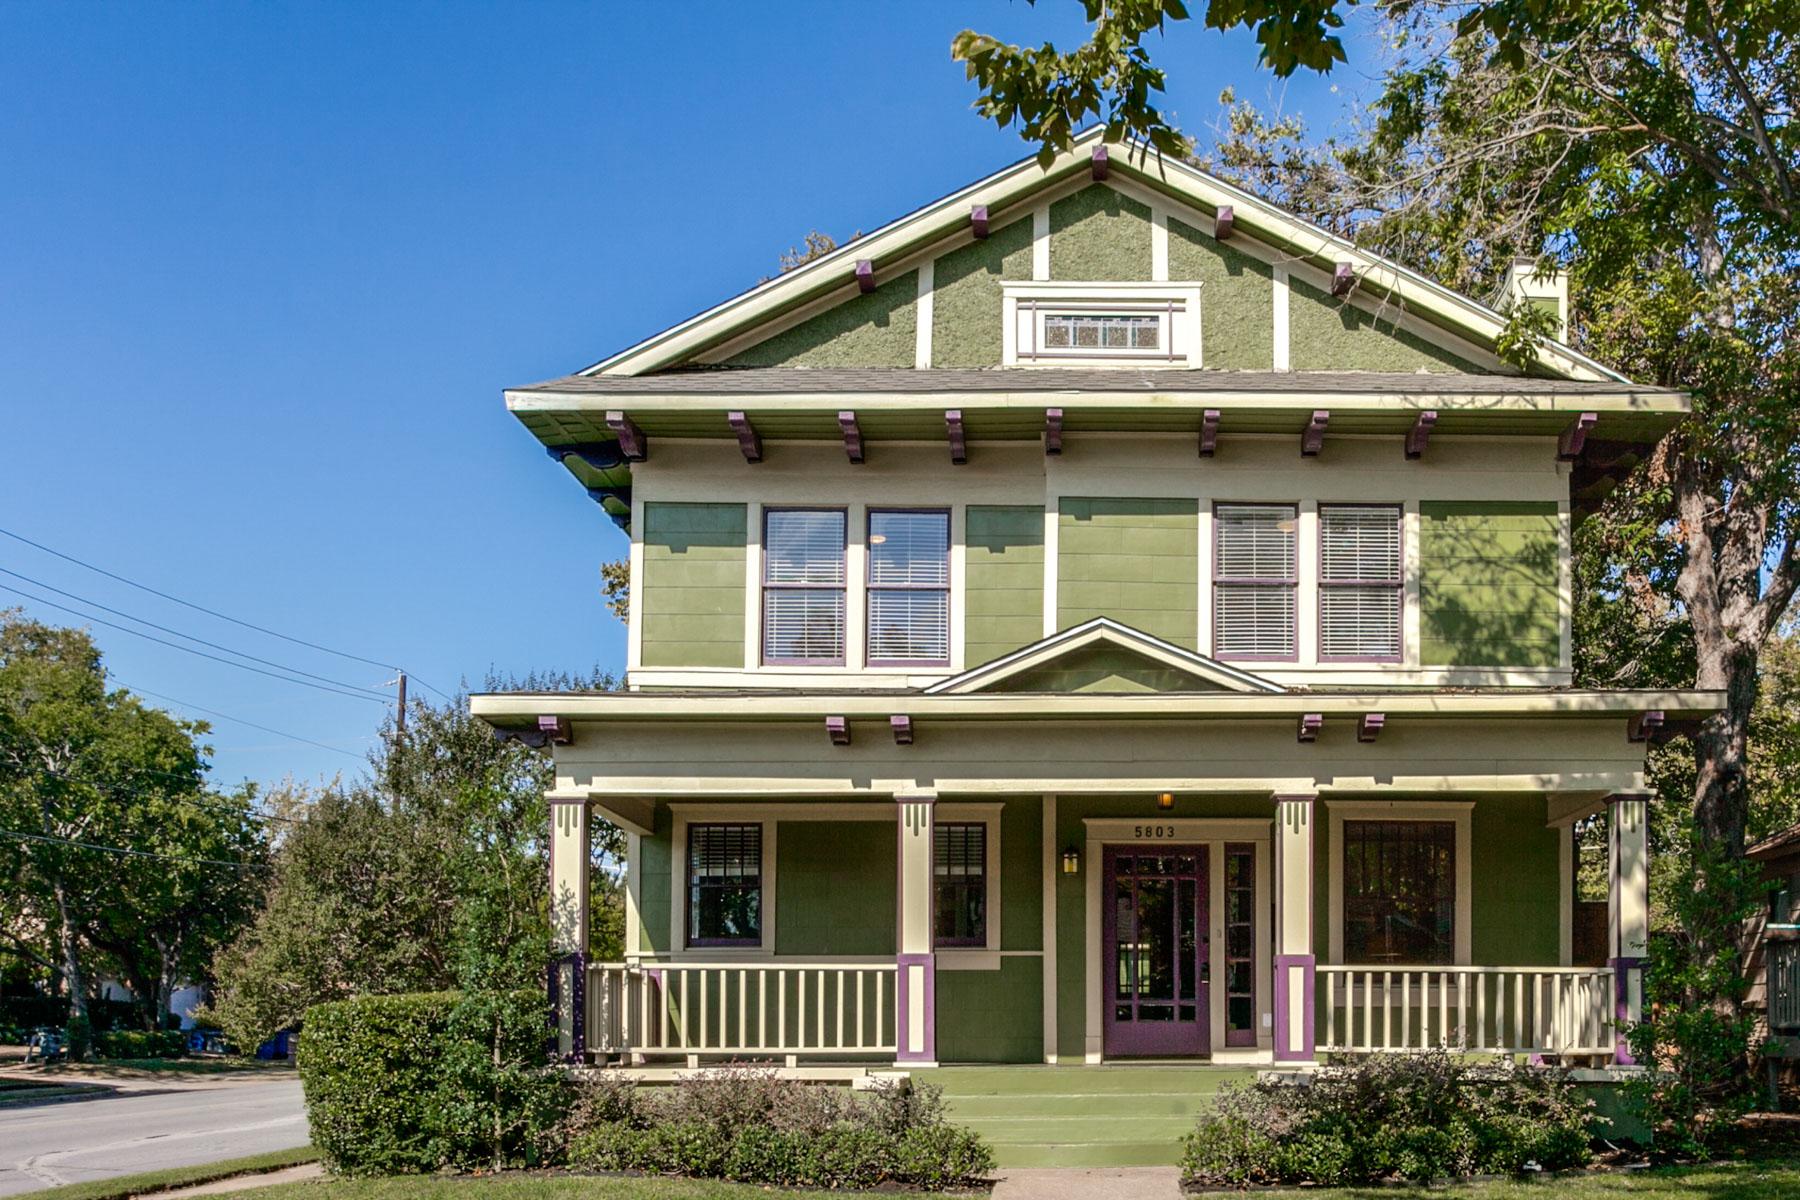 Einfamilienhaus für Verkauf beim 5803 Richmond Ave, Dallas Dallas, Texas, 75206 Vereinigte Staaten